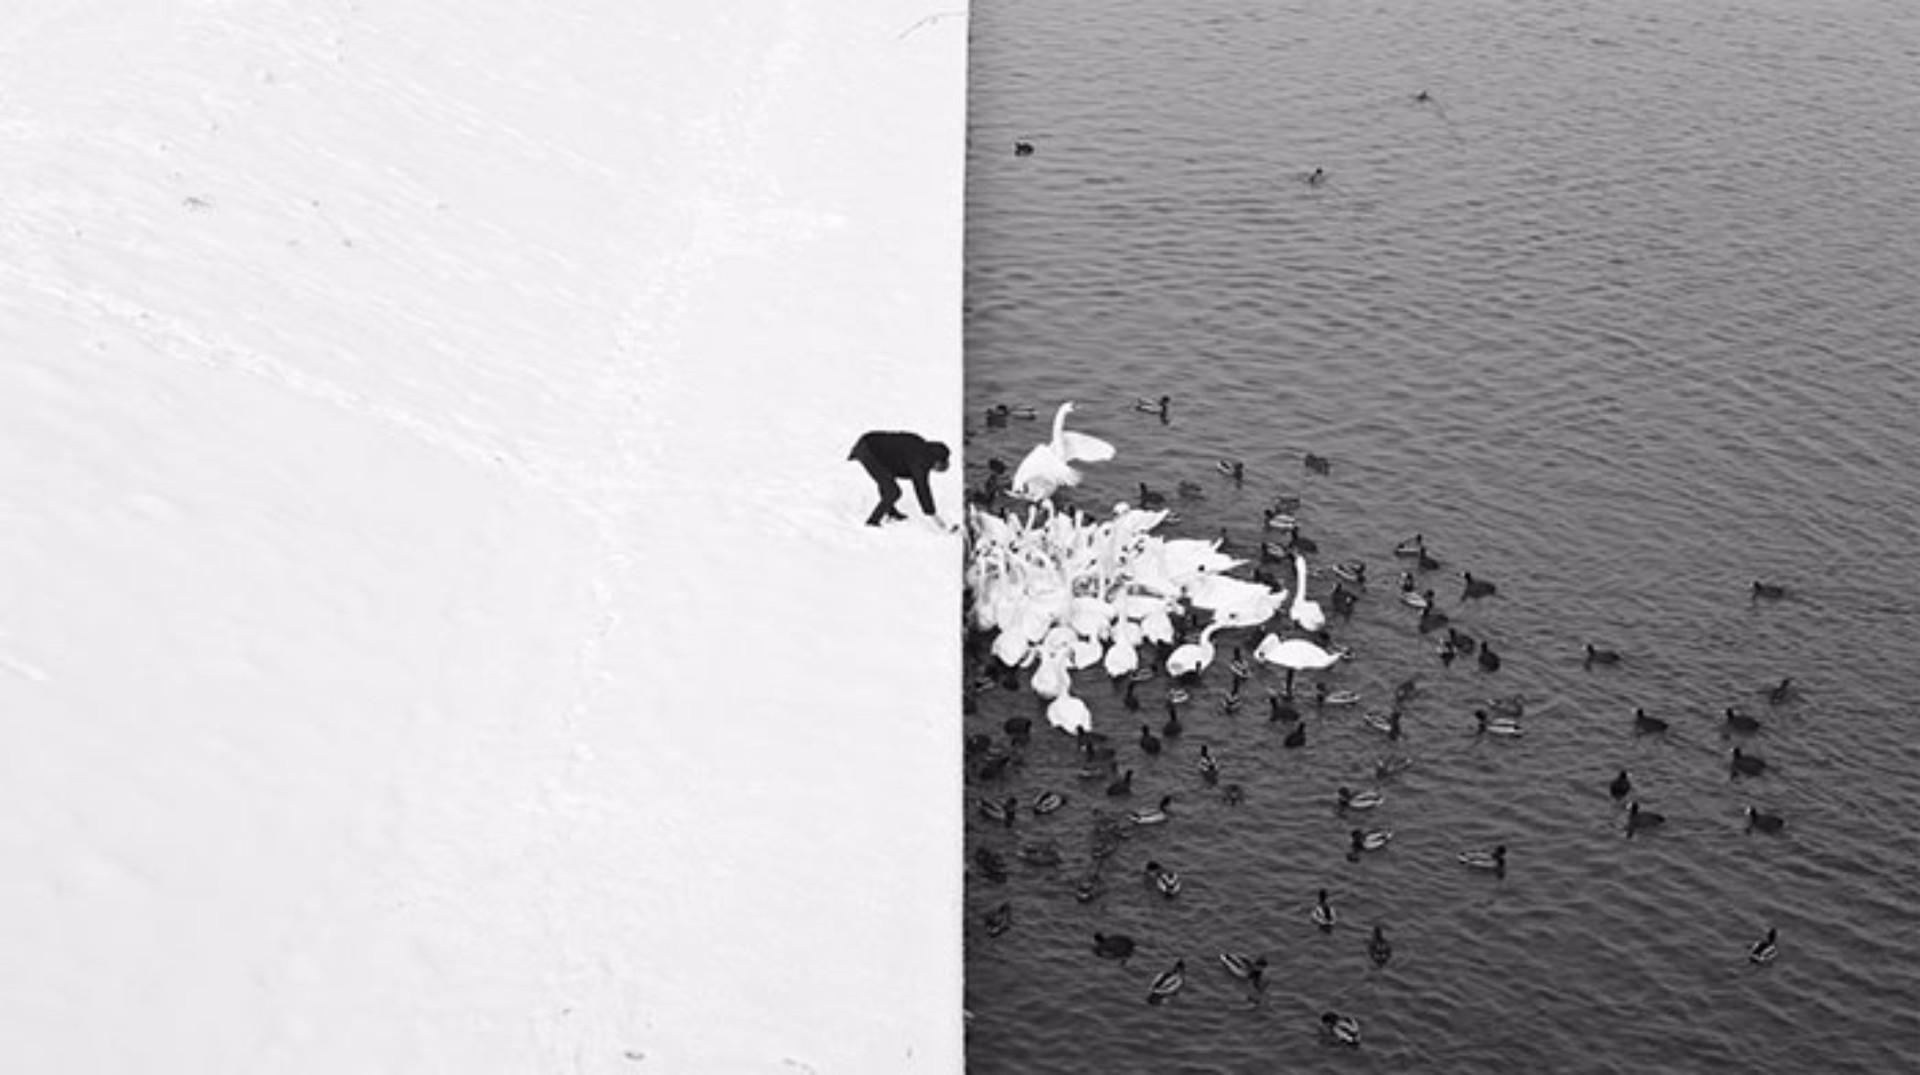 Estas imagens são tão incríveis que é difícil crer que não são montagens